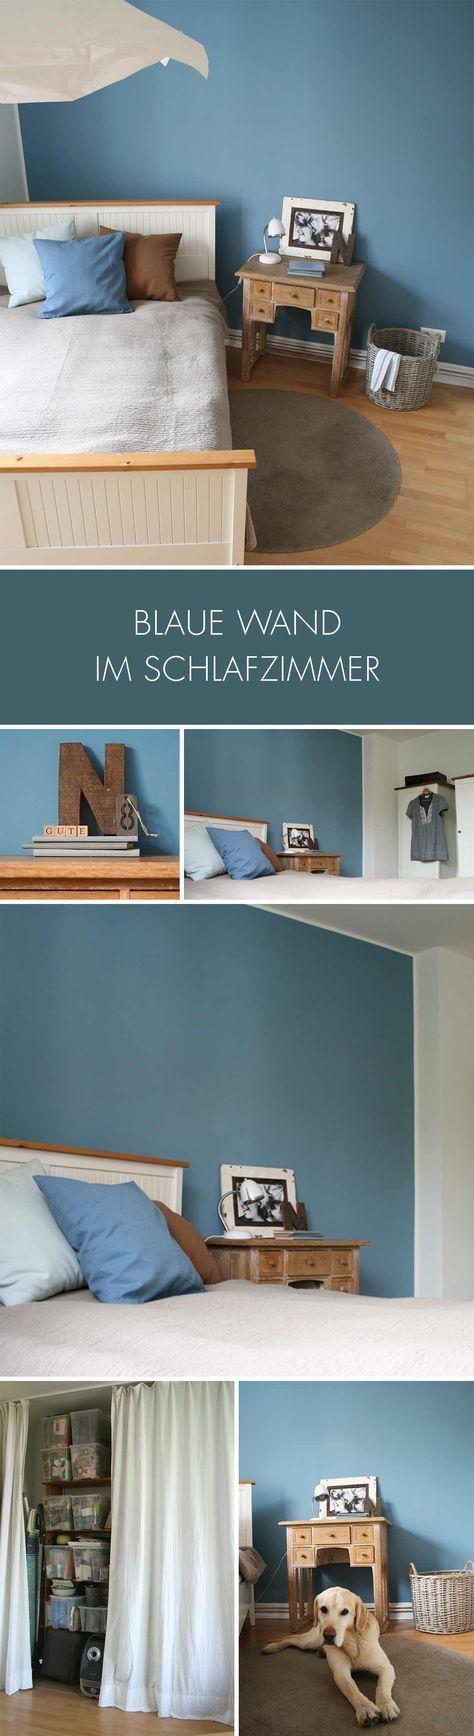 Blaue Wand im Schlafzimmer und als ich einen praktischen Abstellraum versteckte …